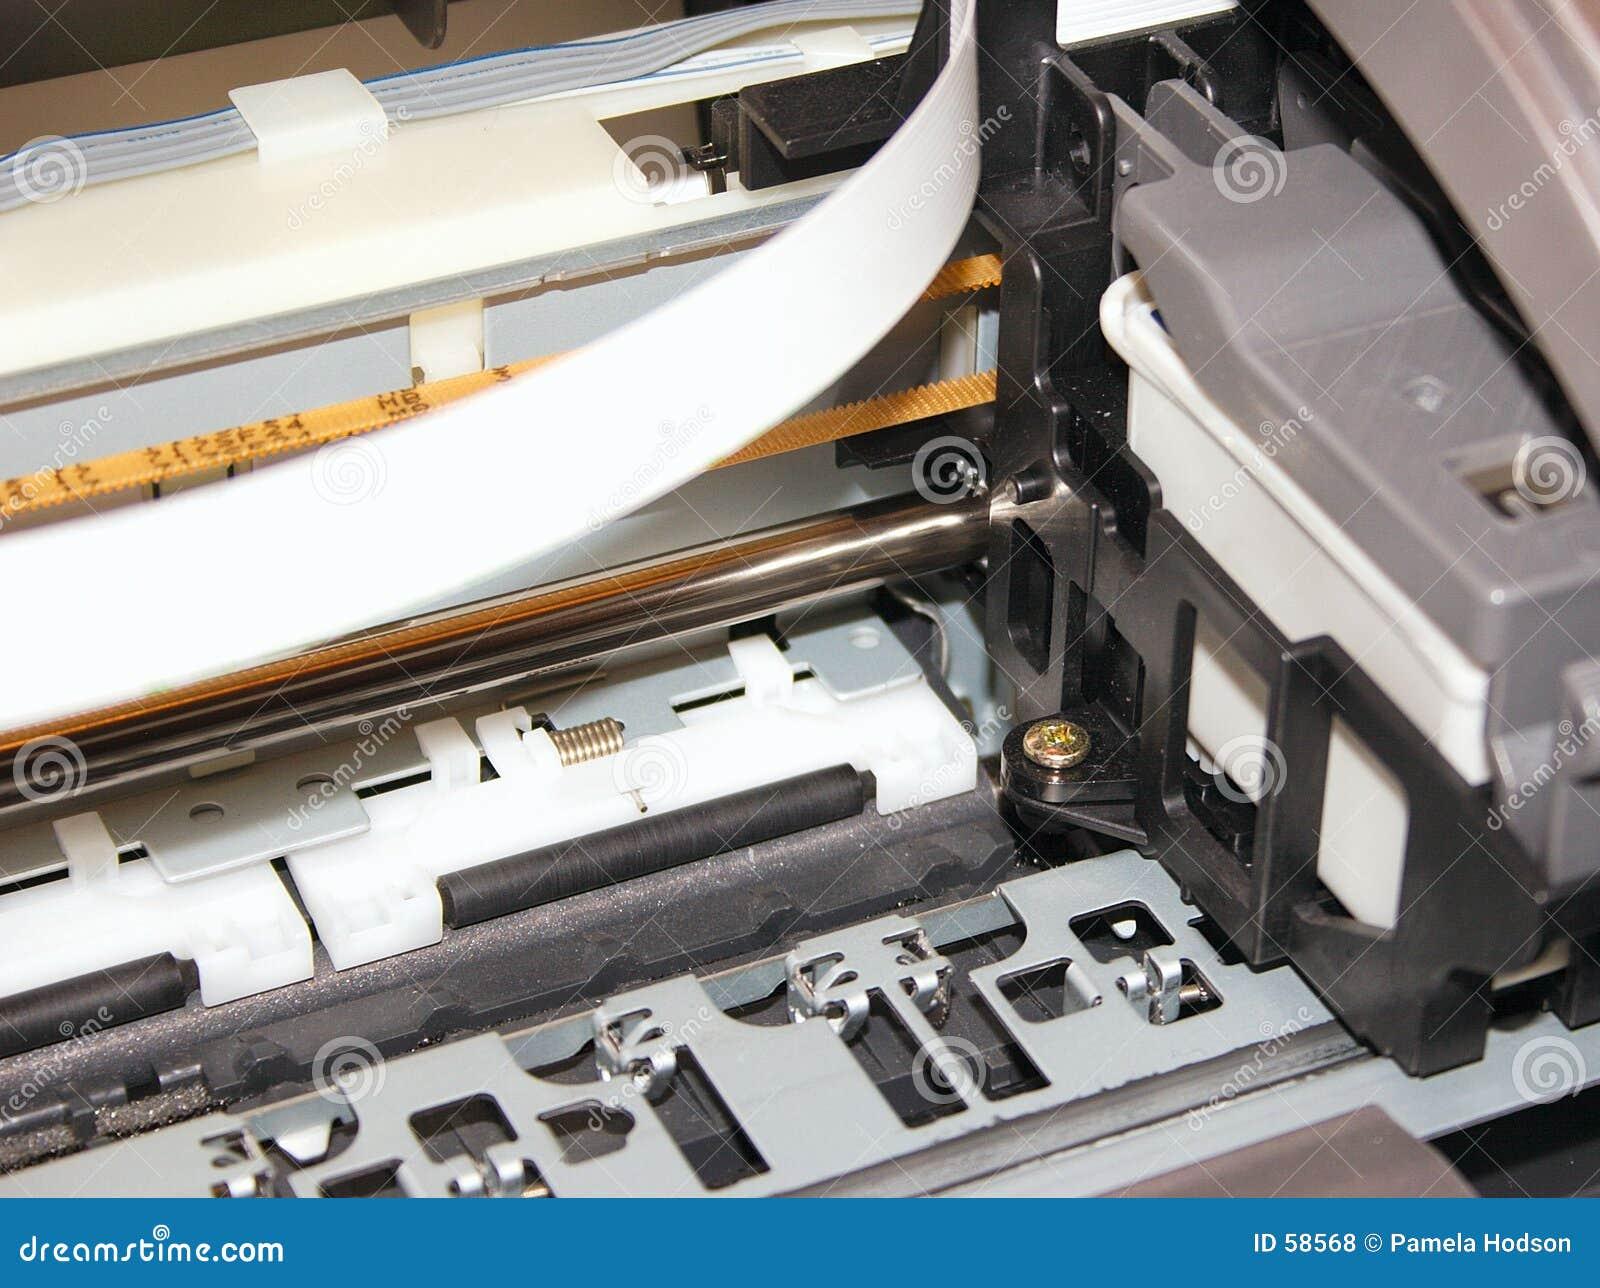 Download Imprimante photo stock. Image du métal, chariot, balais - 58568